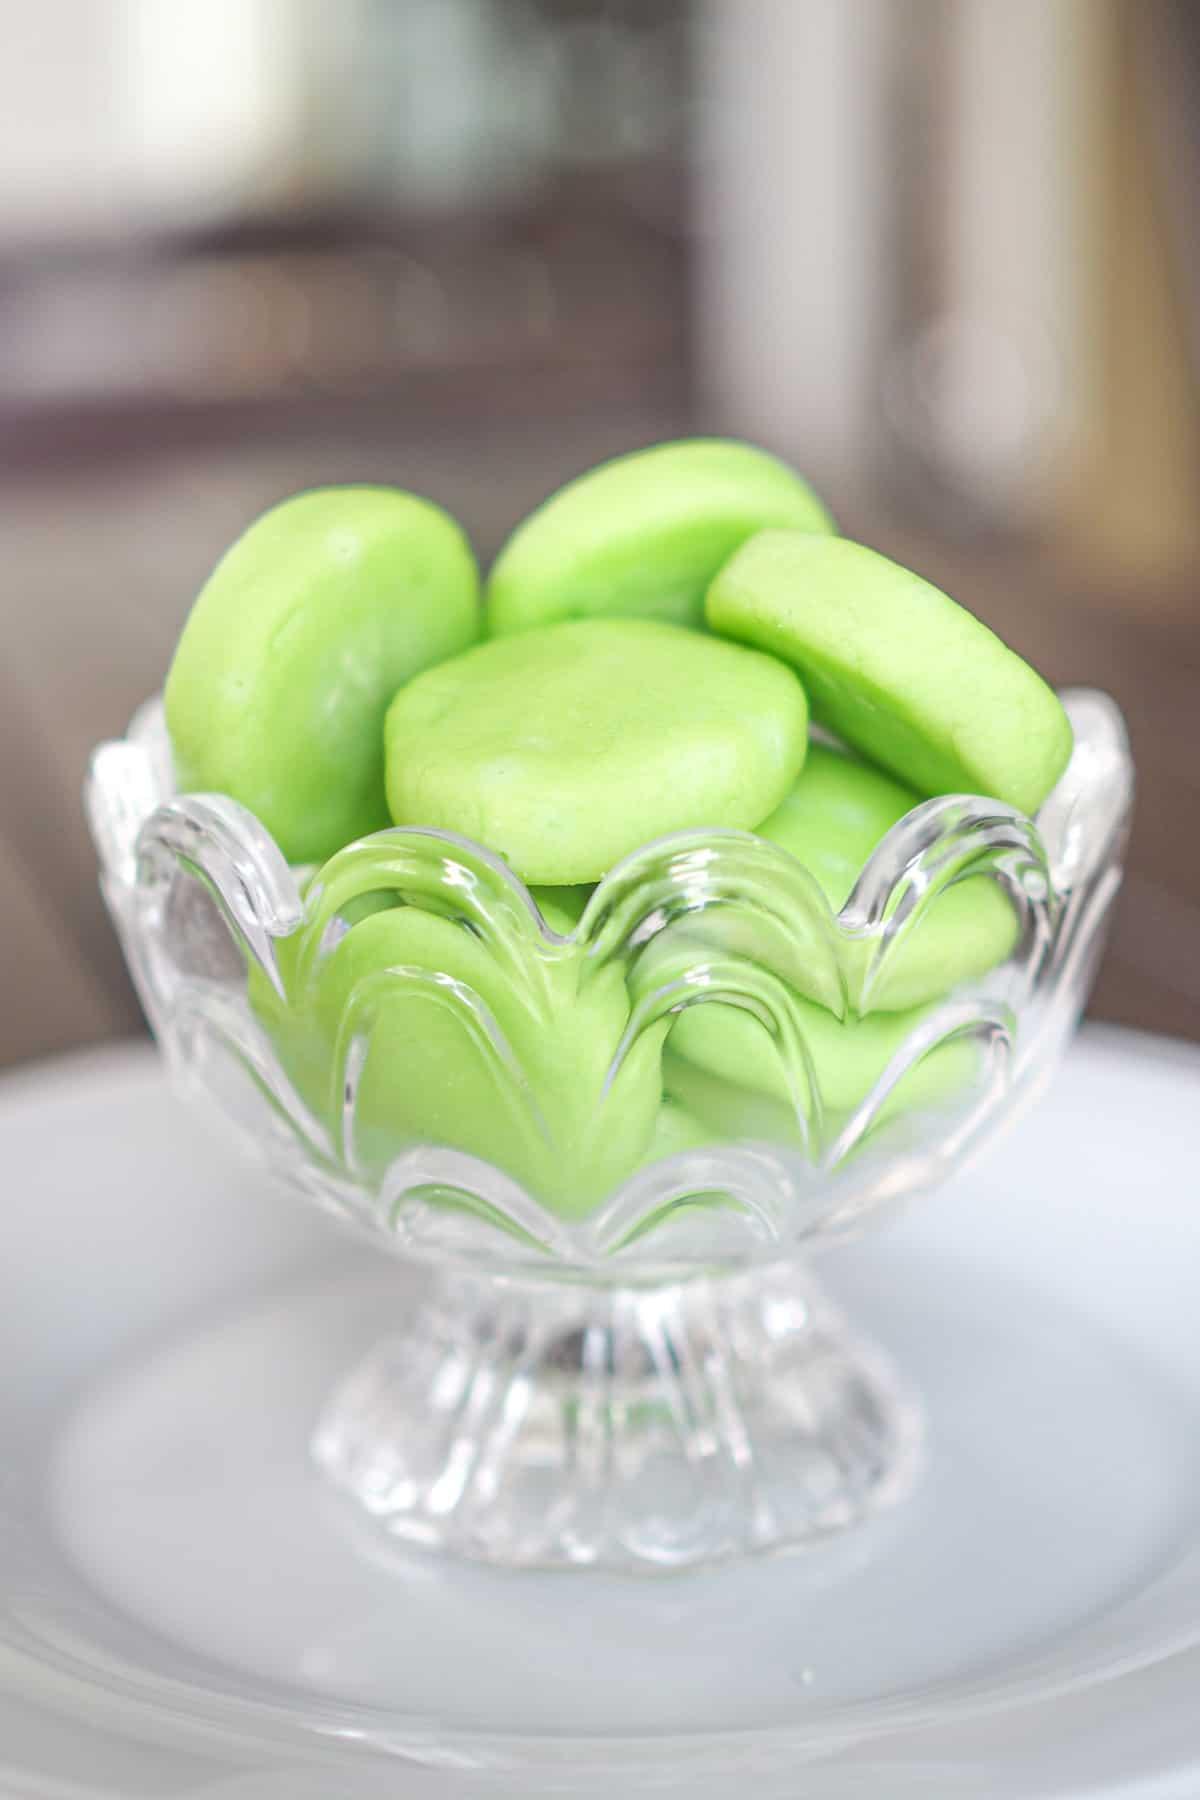 Green mint patties in a glass jar